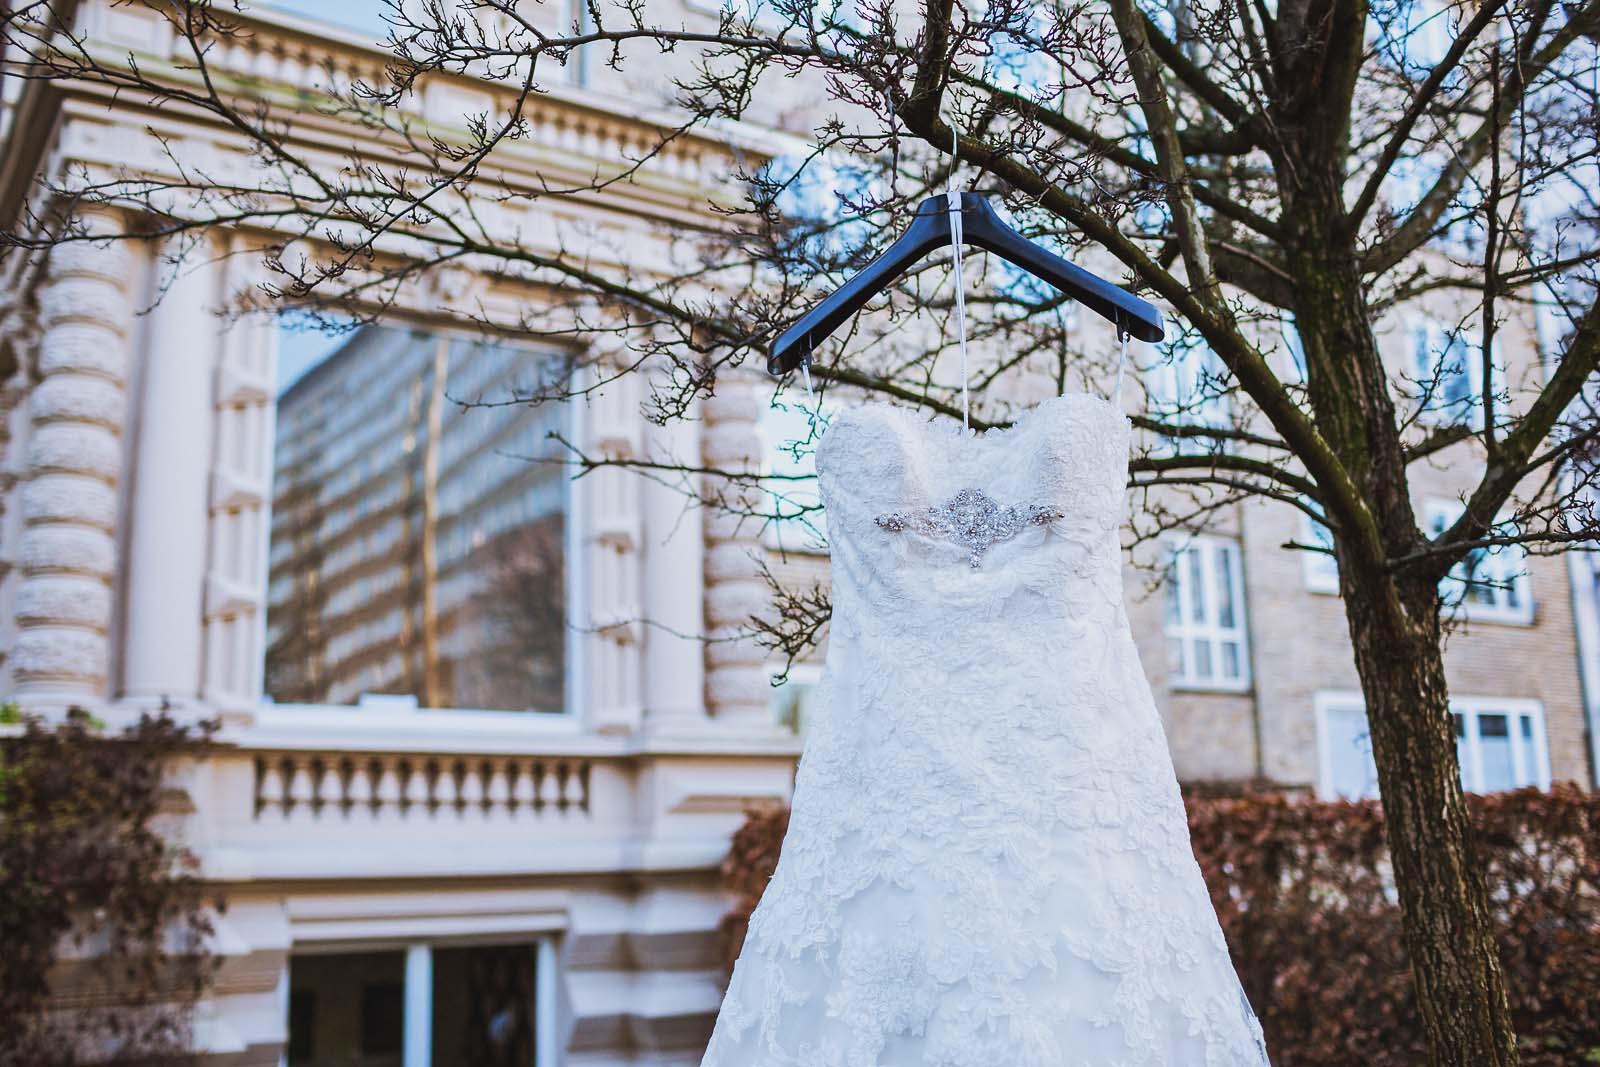 Brautkleid auf einem Detailfoto vom Hochzeitsfotograf Copyright by Hochzeitsfotograf www.berliner-hochzeitsfotografie.de